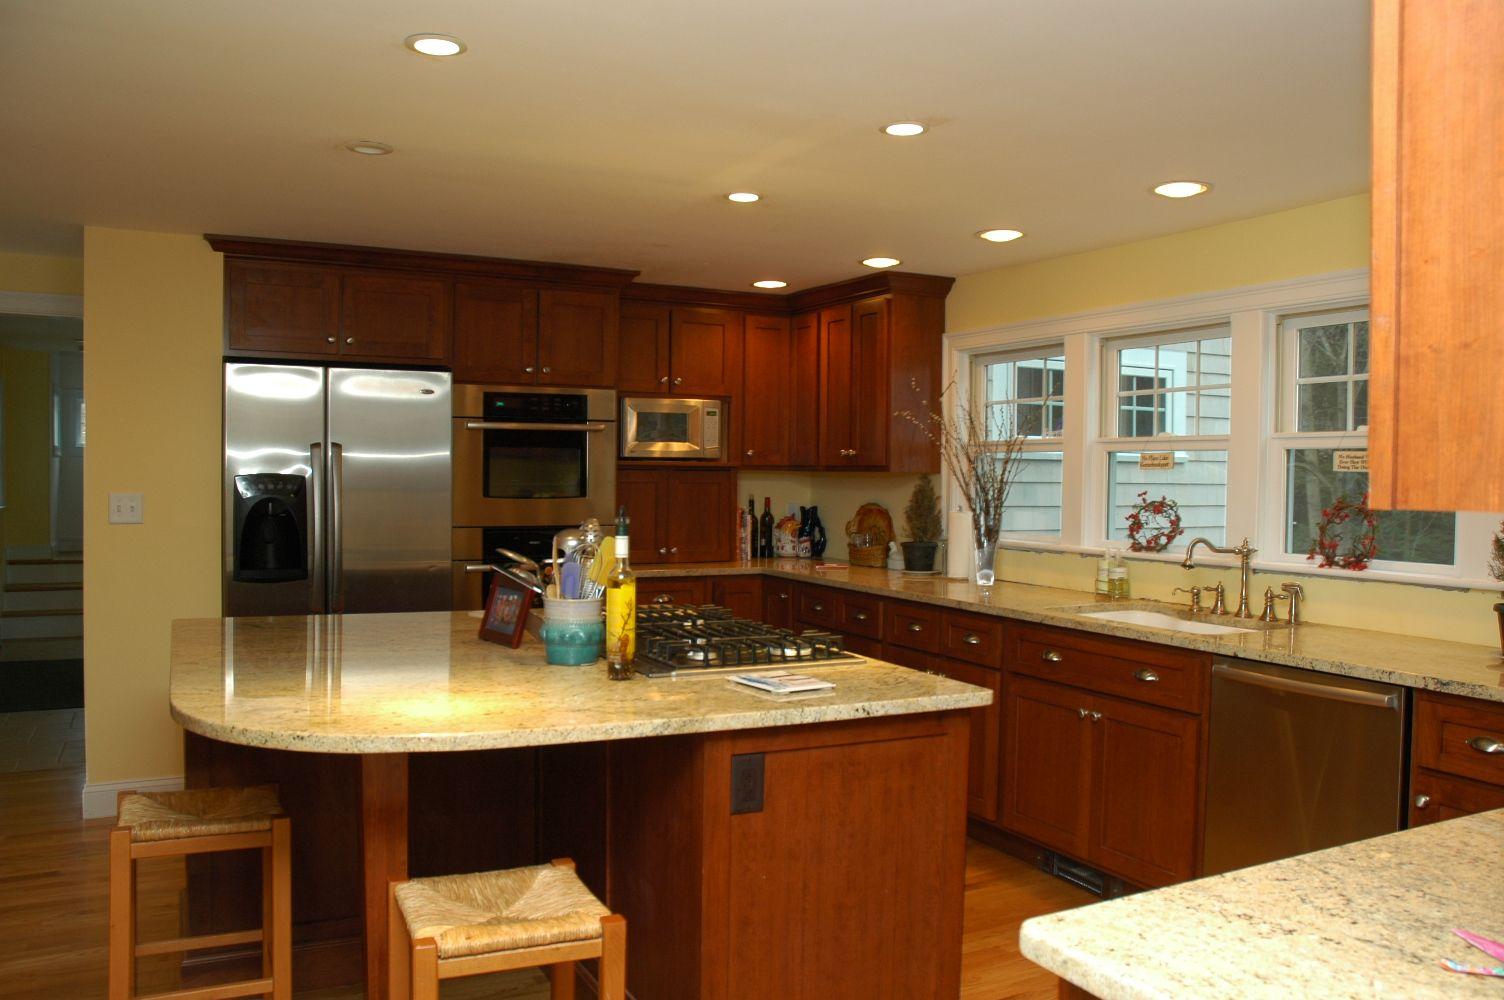 kitchen island designs | ... luxury kitchen cabinets and worktops modern luxury kitchen design ...